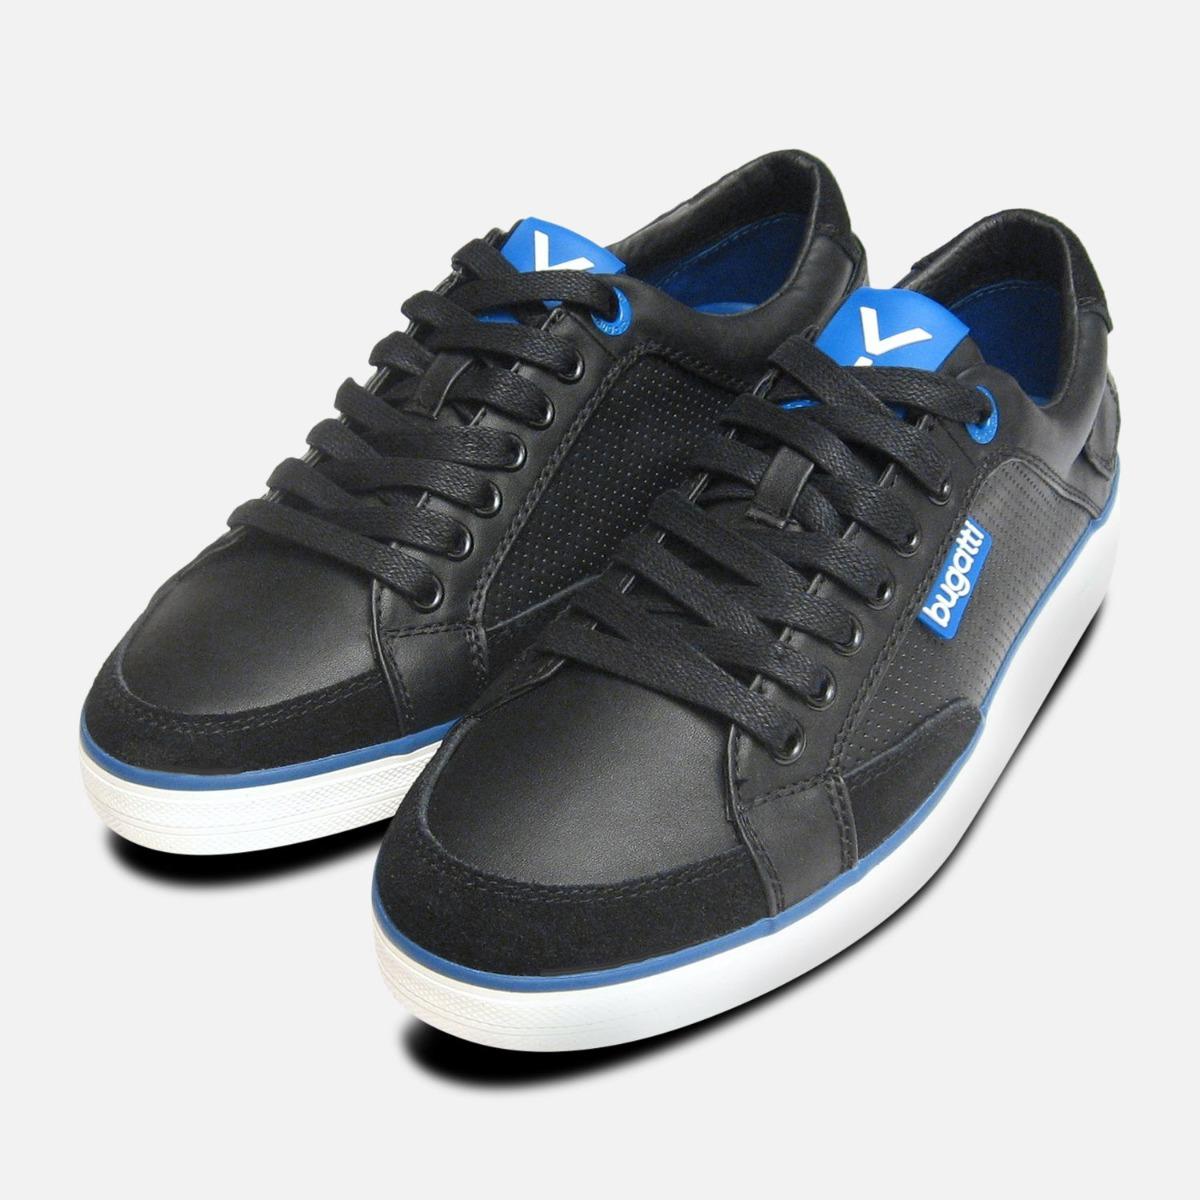 Black \u0026 Navy Blue Leather Mens Designer